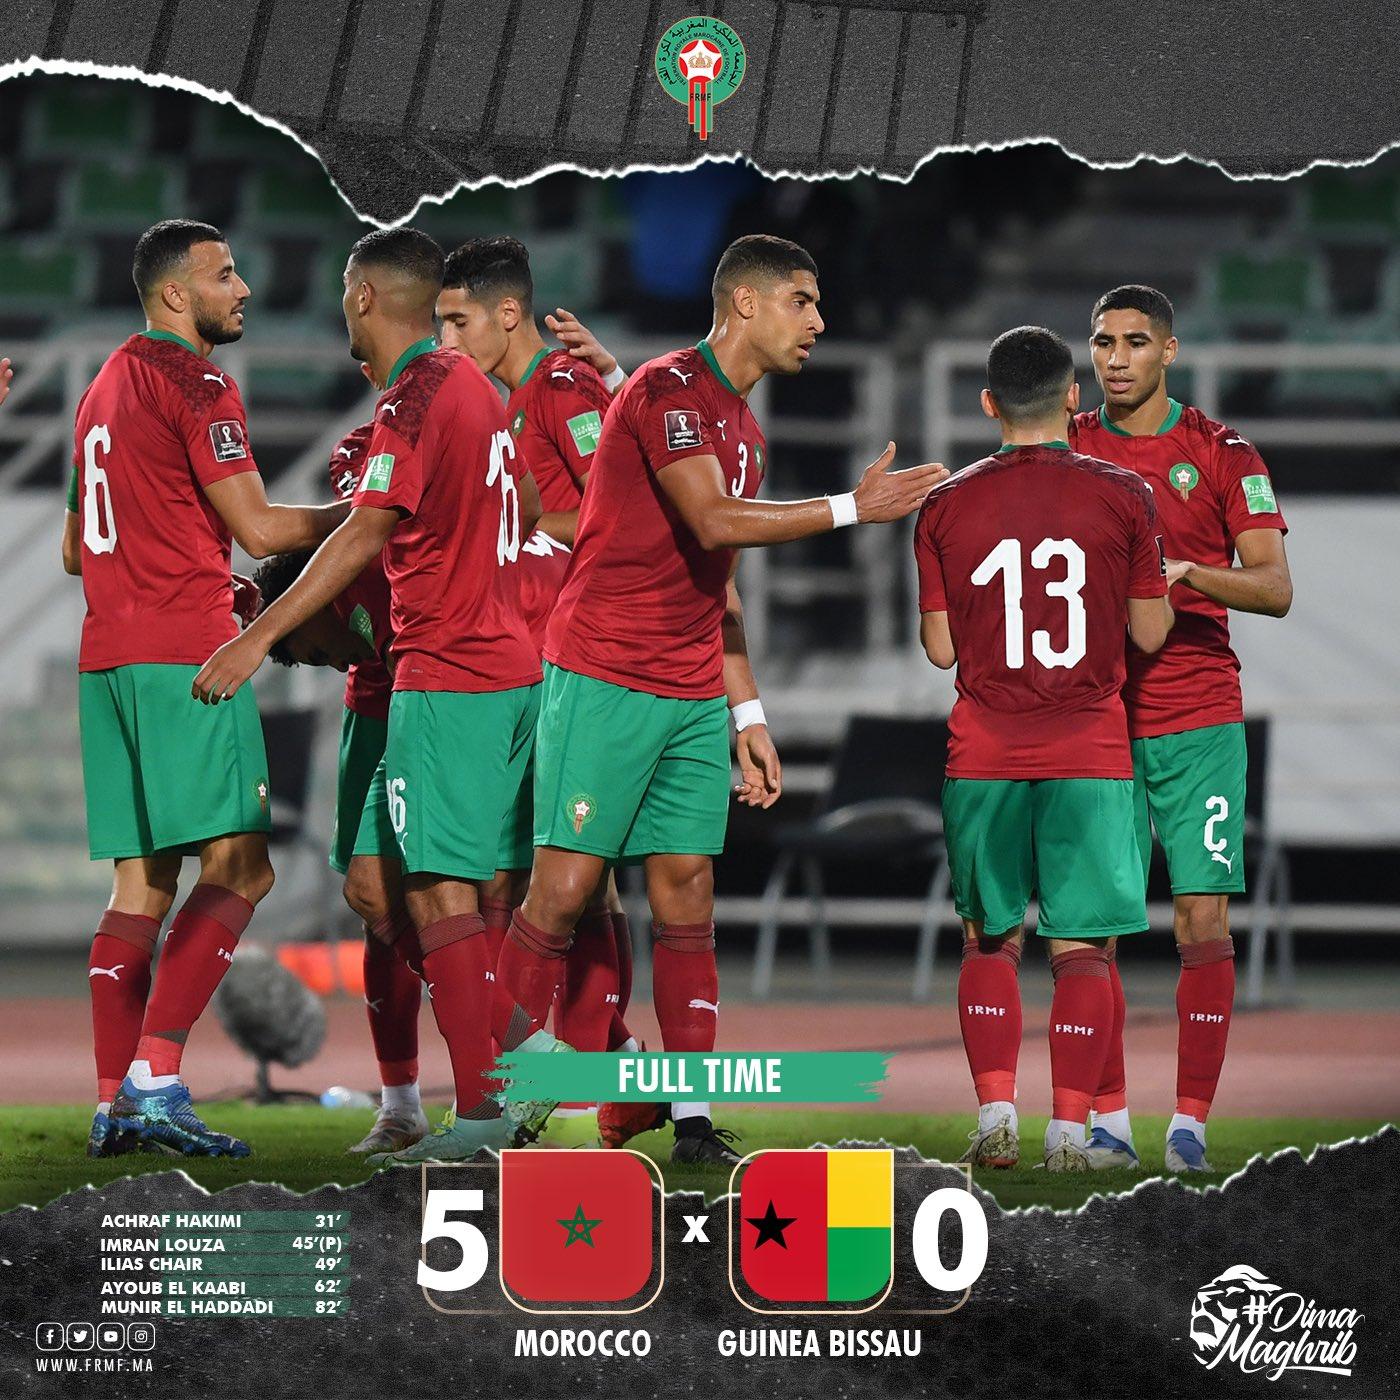 مباراة المغرب اليوم , المغرب غينيا بيساو , مباراة المغرب وغينيا بيساو 5 - 0 , maroc vs guinée 5 - 0 maroc vs guinée 2021